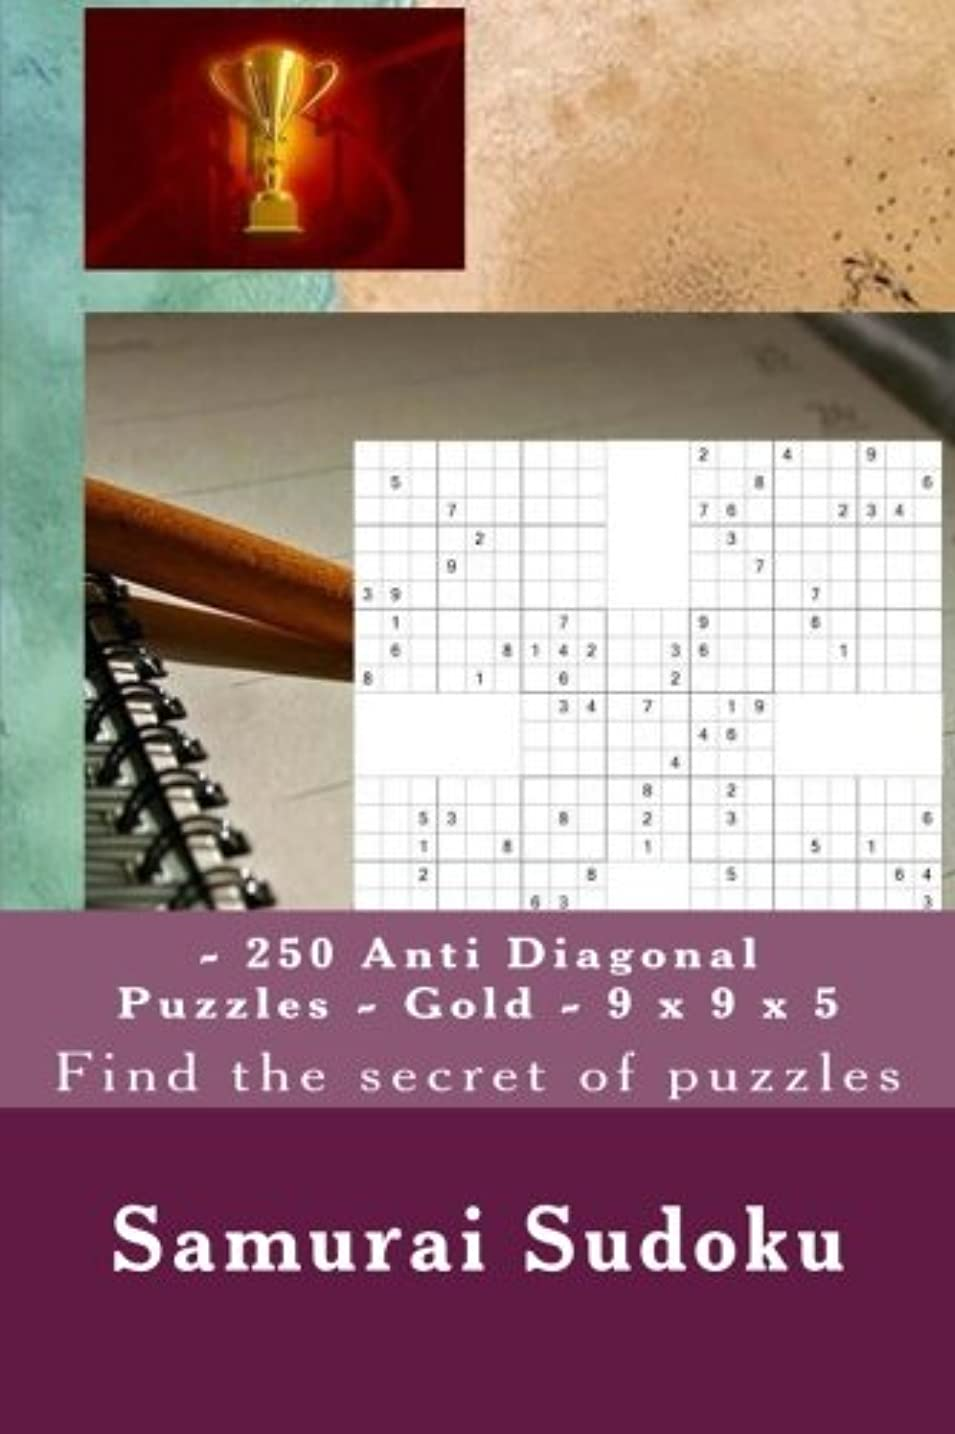 上陸空洞ようこそSamurai Sudoku - 250 Anti Diagonal Puzzles - Gold - 9 x 9 x 5: Find the secret of puzzles (PITSTOP ANTI DIAGONAL)